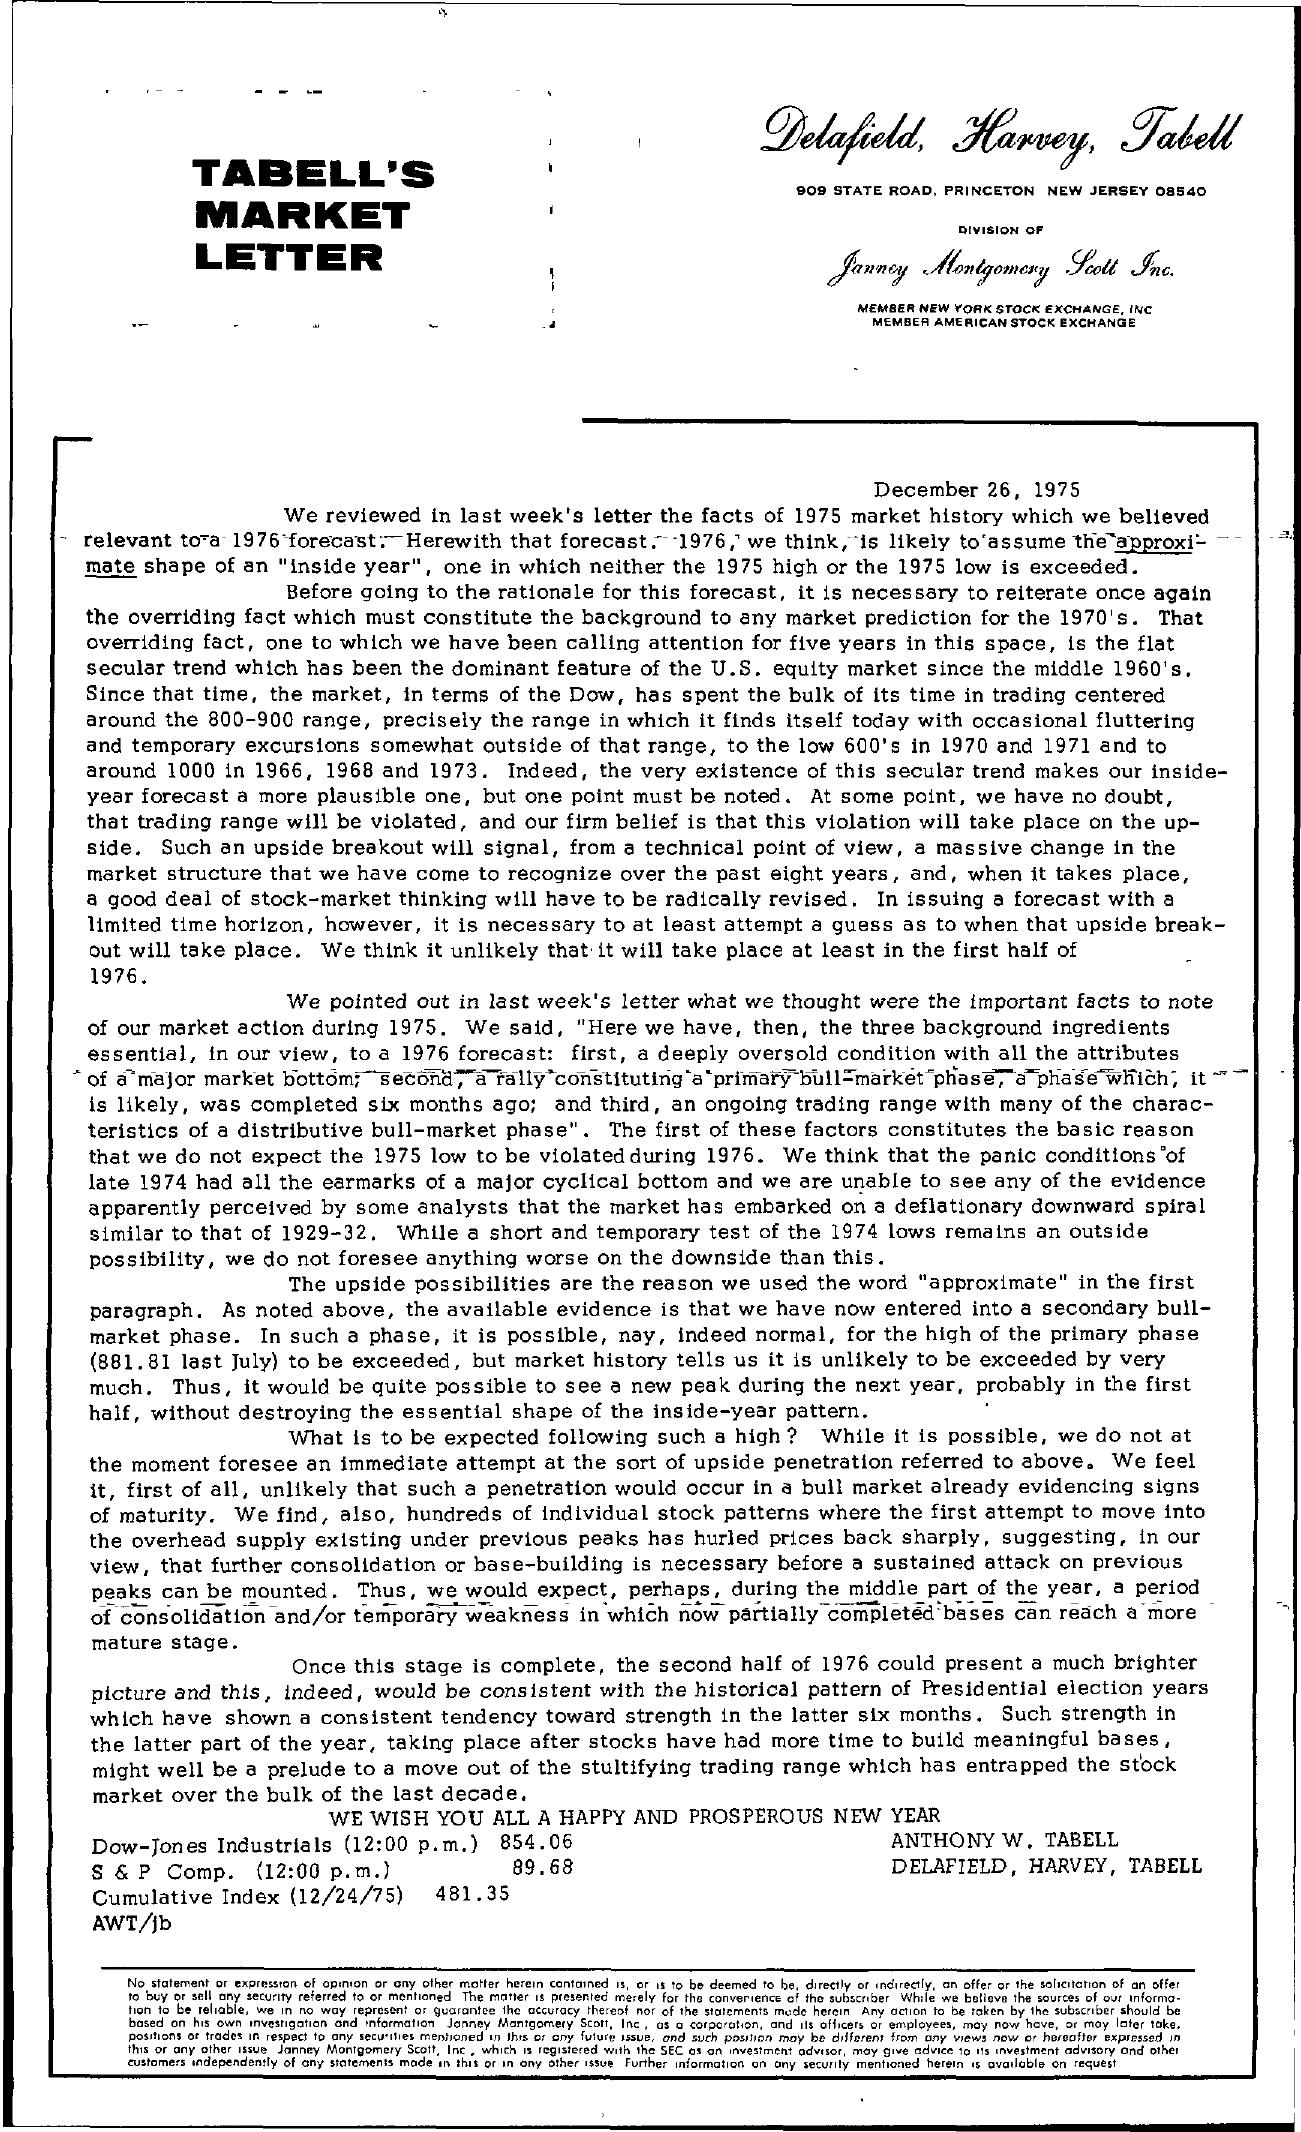 Tabell's Market Letter - December 26, 1975